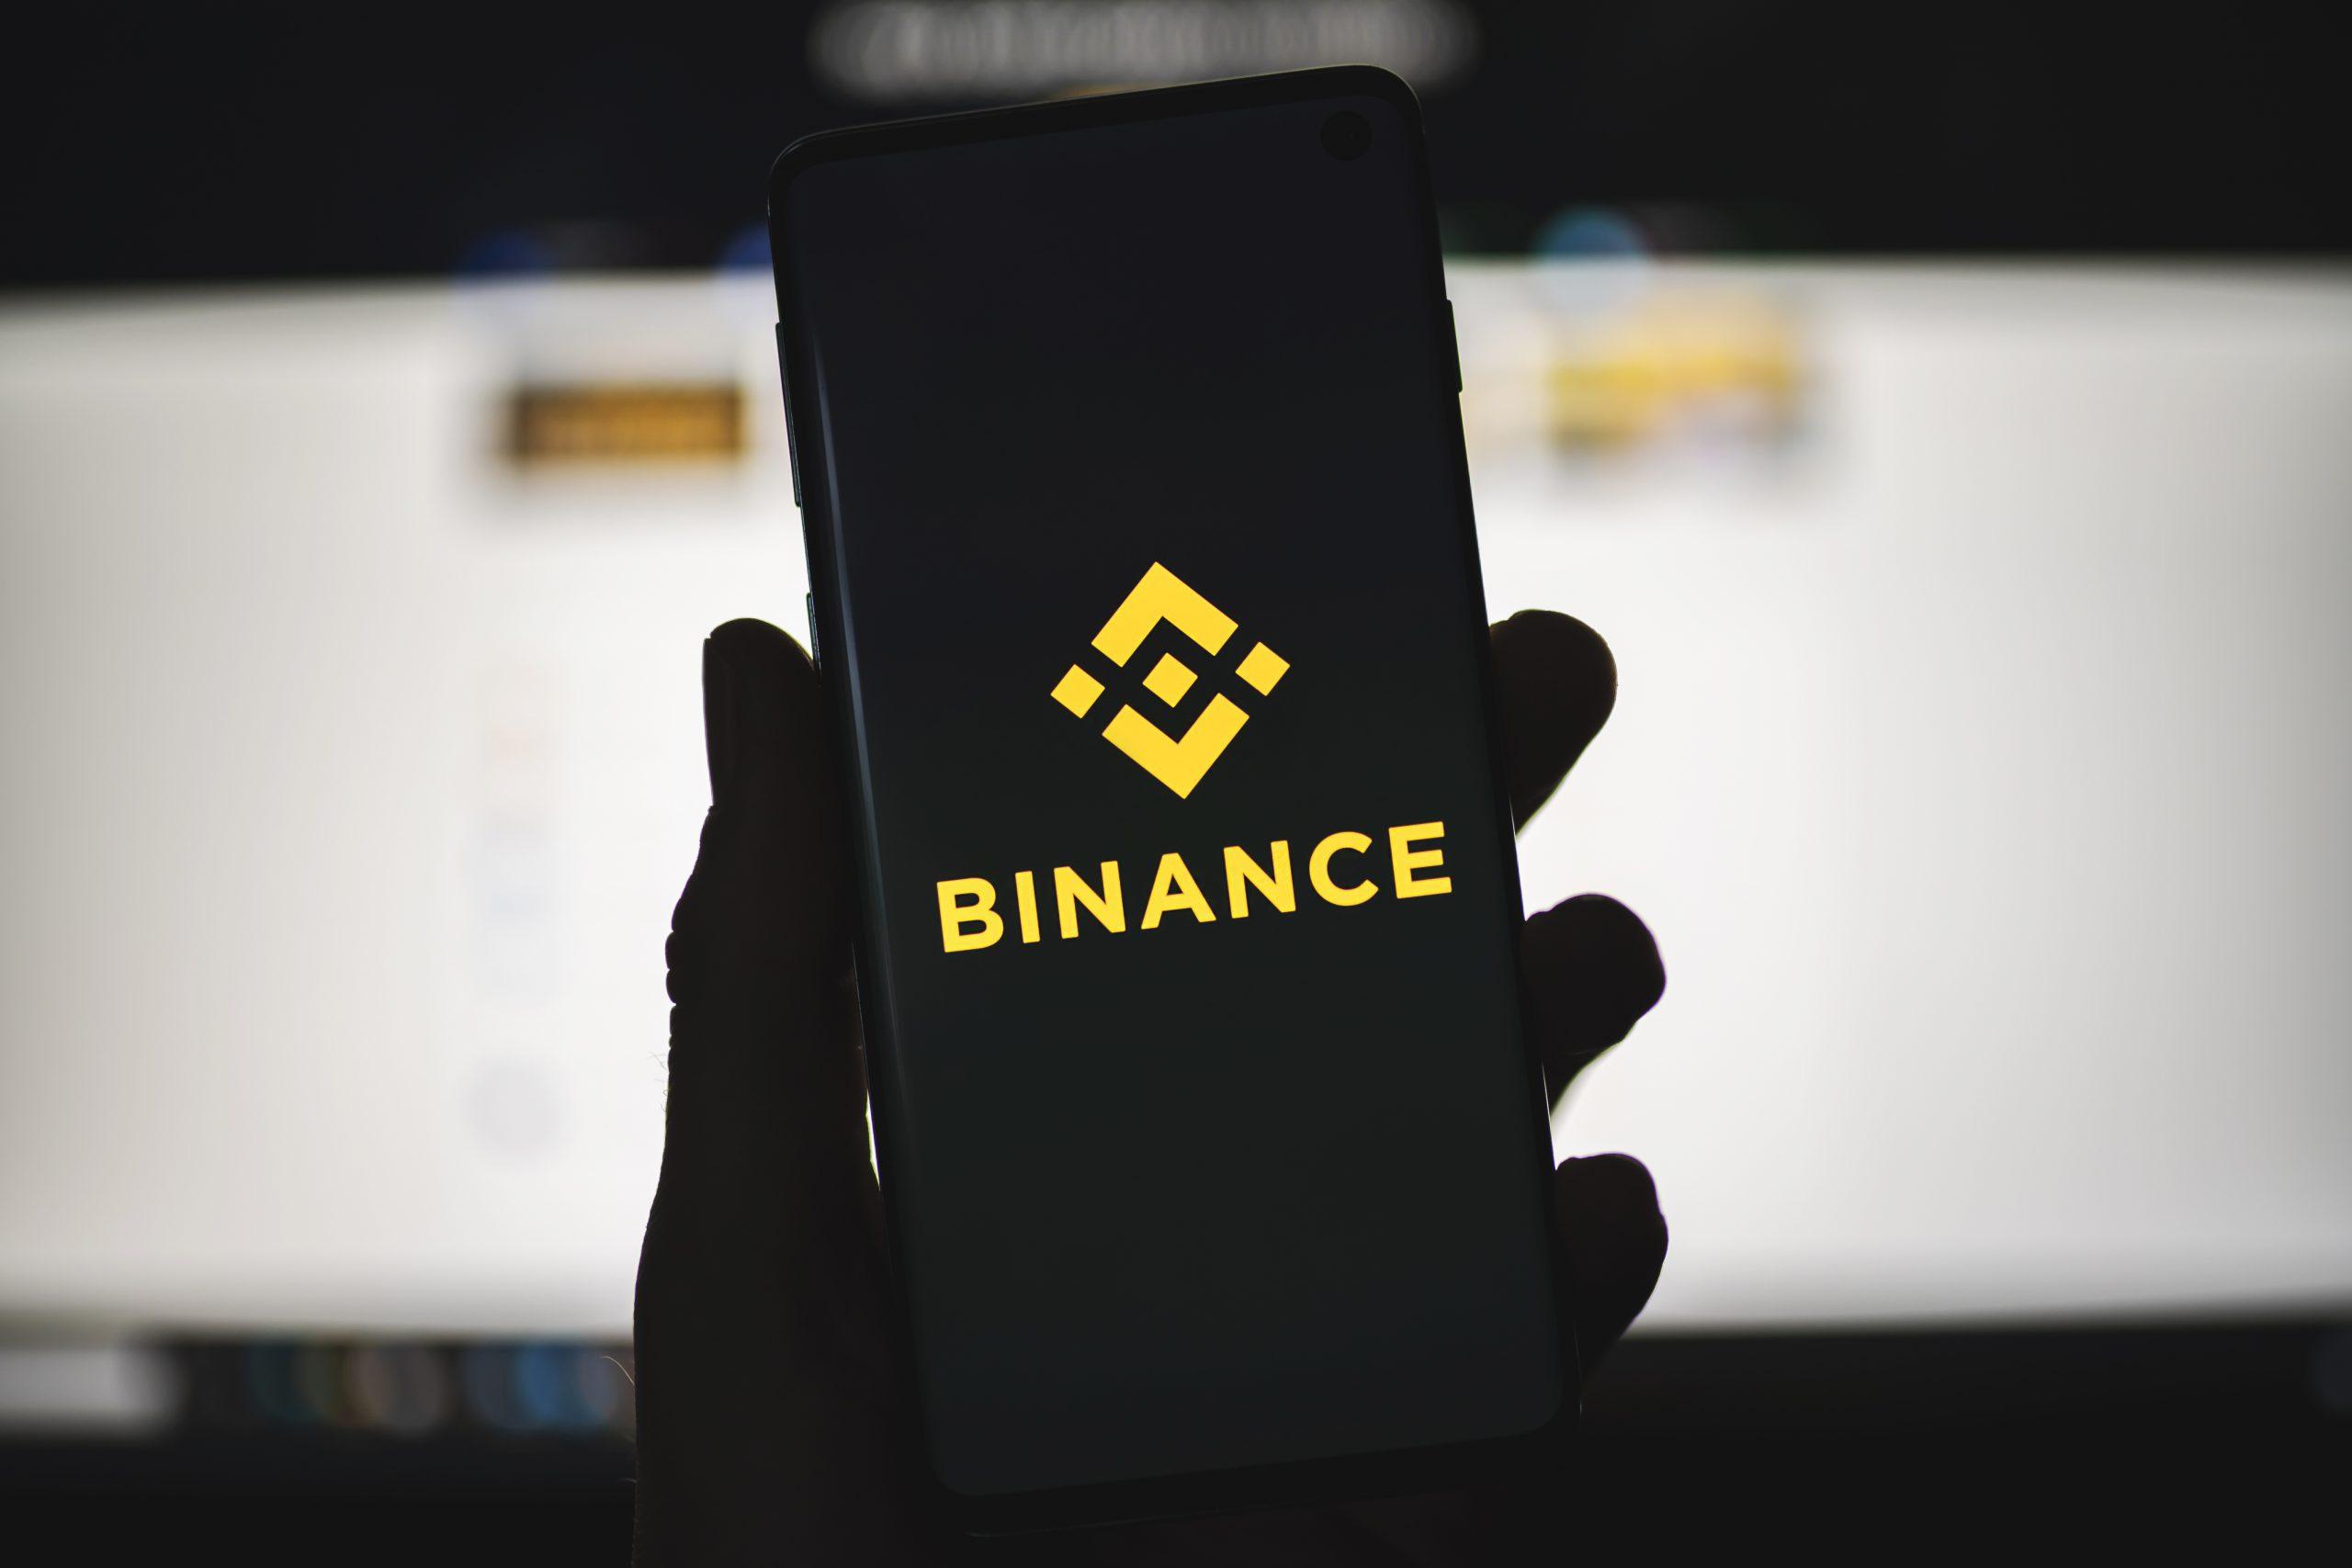 """Bitcoin-Börse Binance belohnt """"Kopfgeldjäger"""" mit 10 Millionen US-Dollar"""